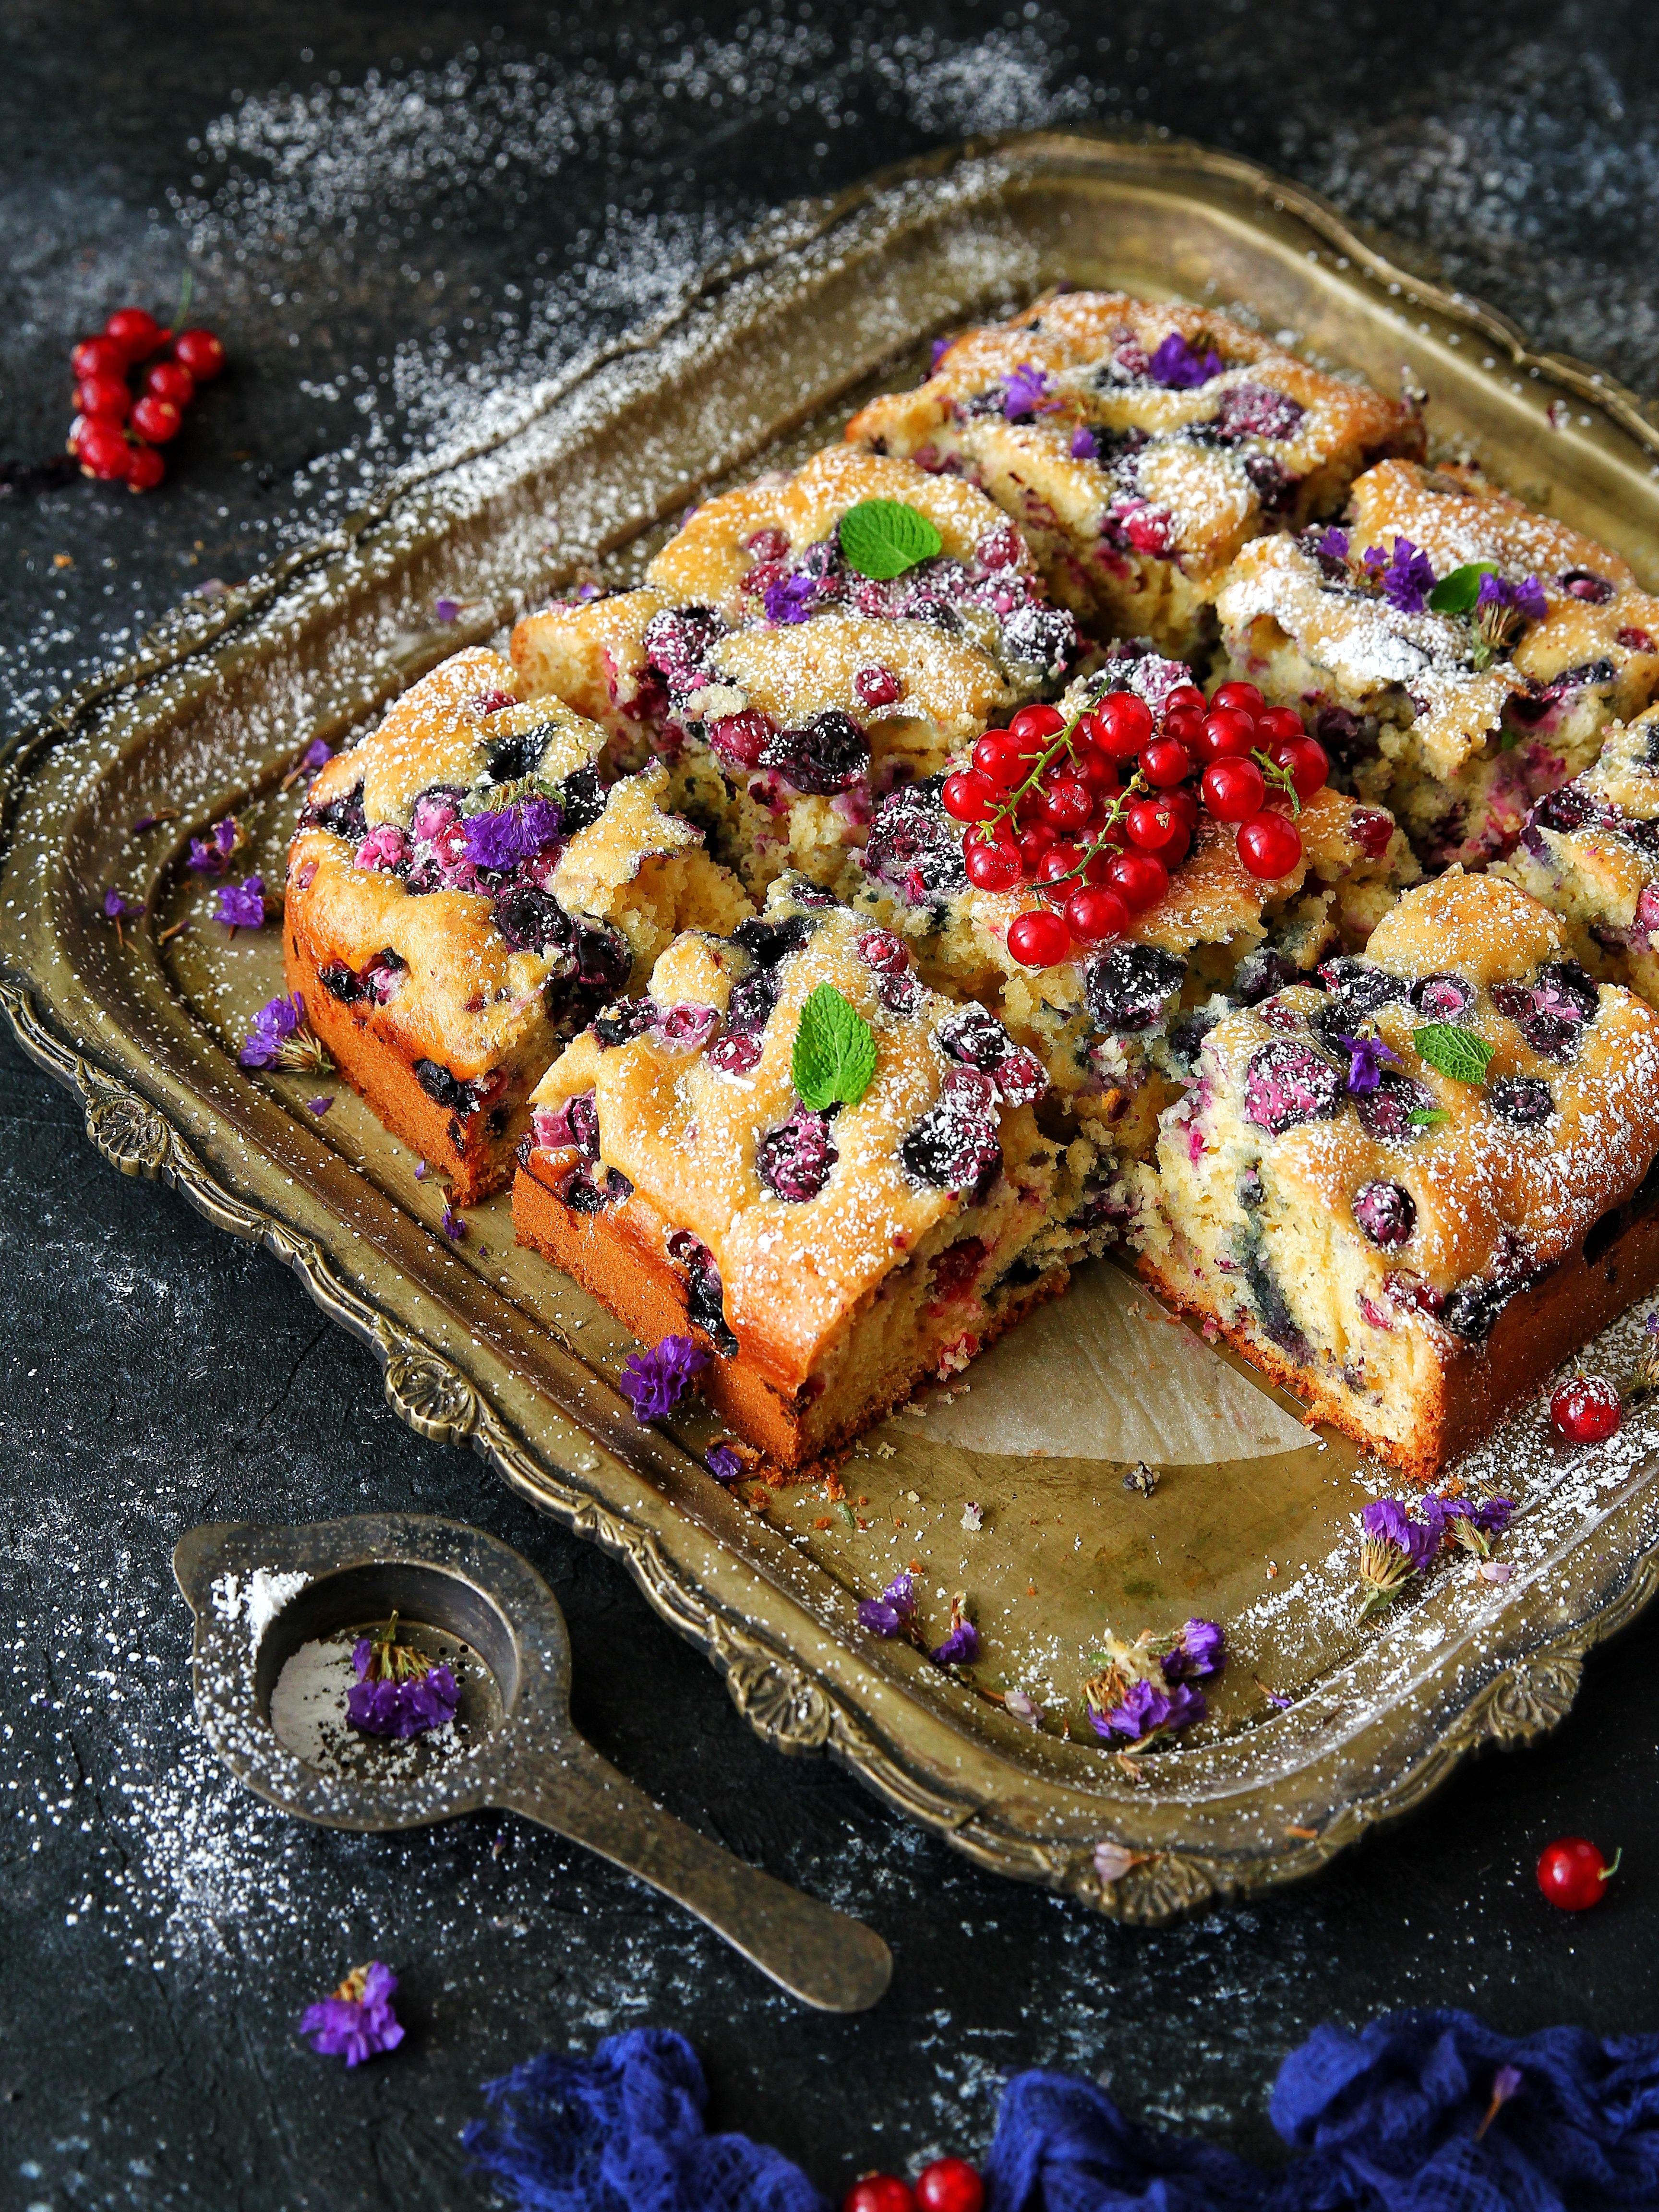 Blueberry Cake Snack Recipes Yummy Food Blueberry Cake